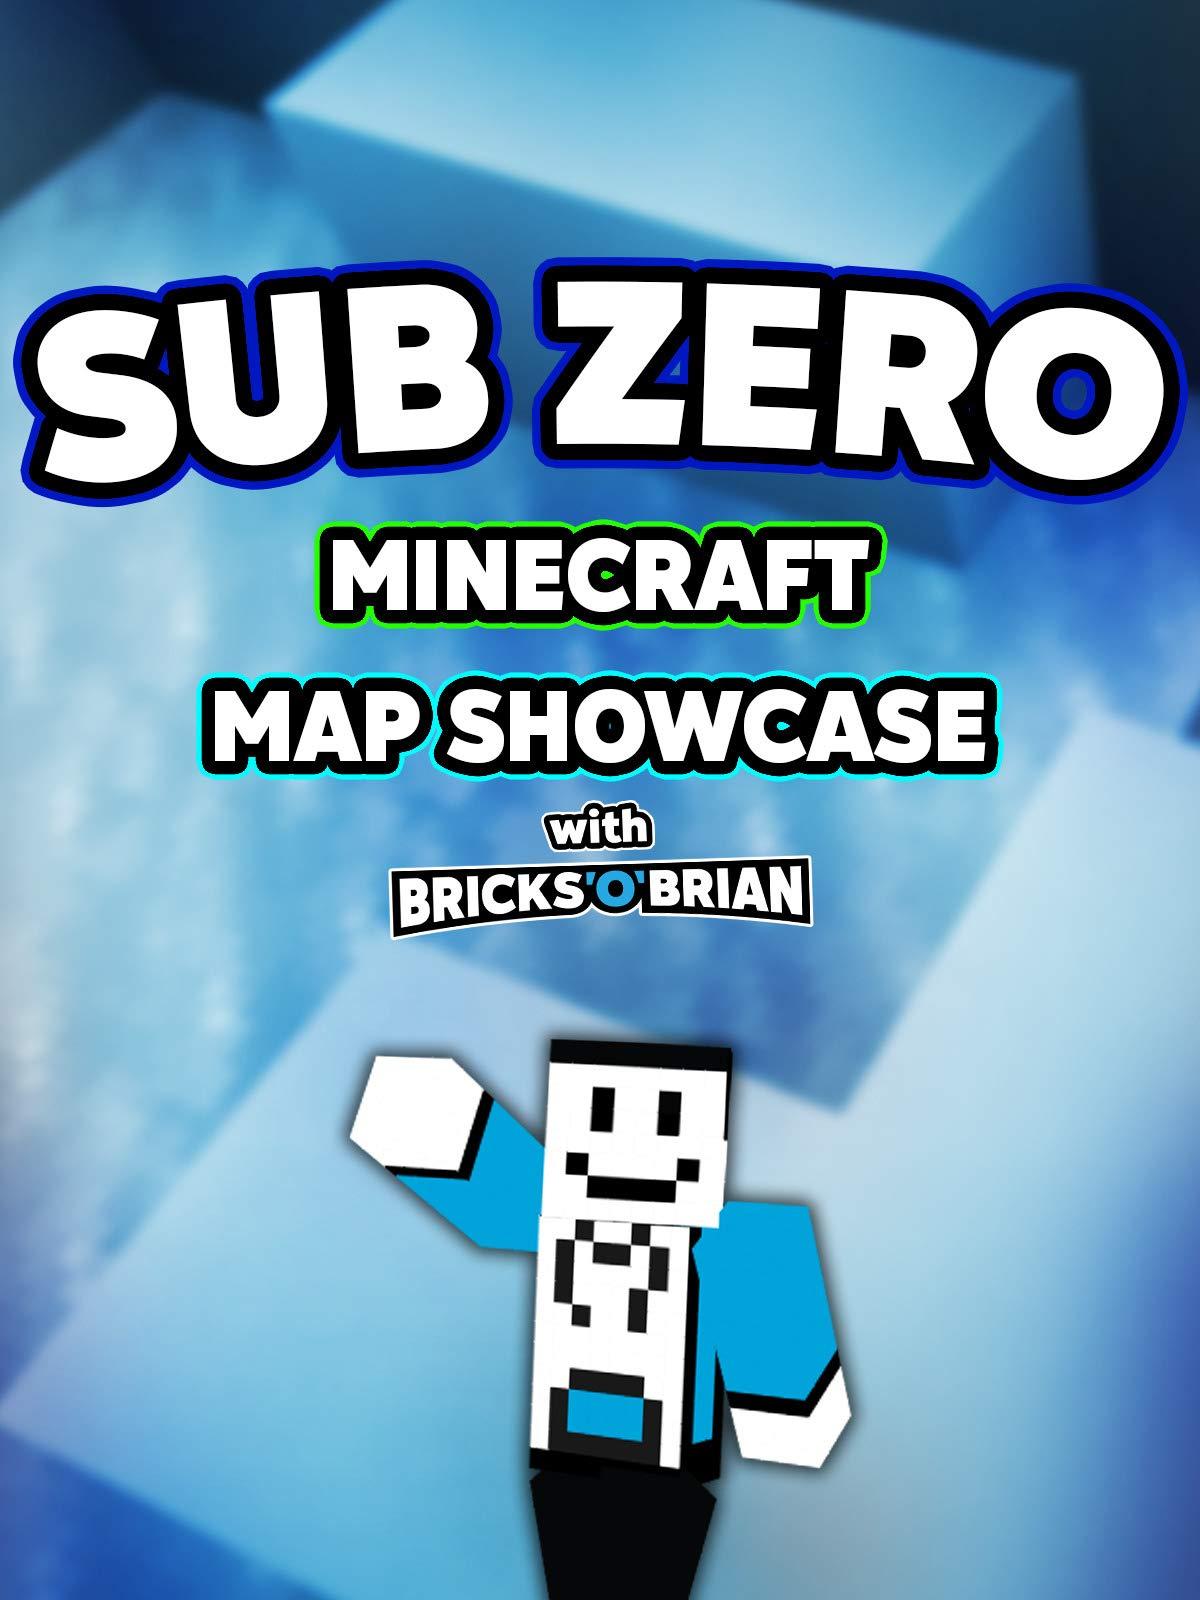 Clip: Sub Zero Minecraft Map Showcase with Bricks 'O' Brian!